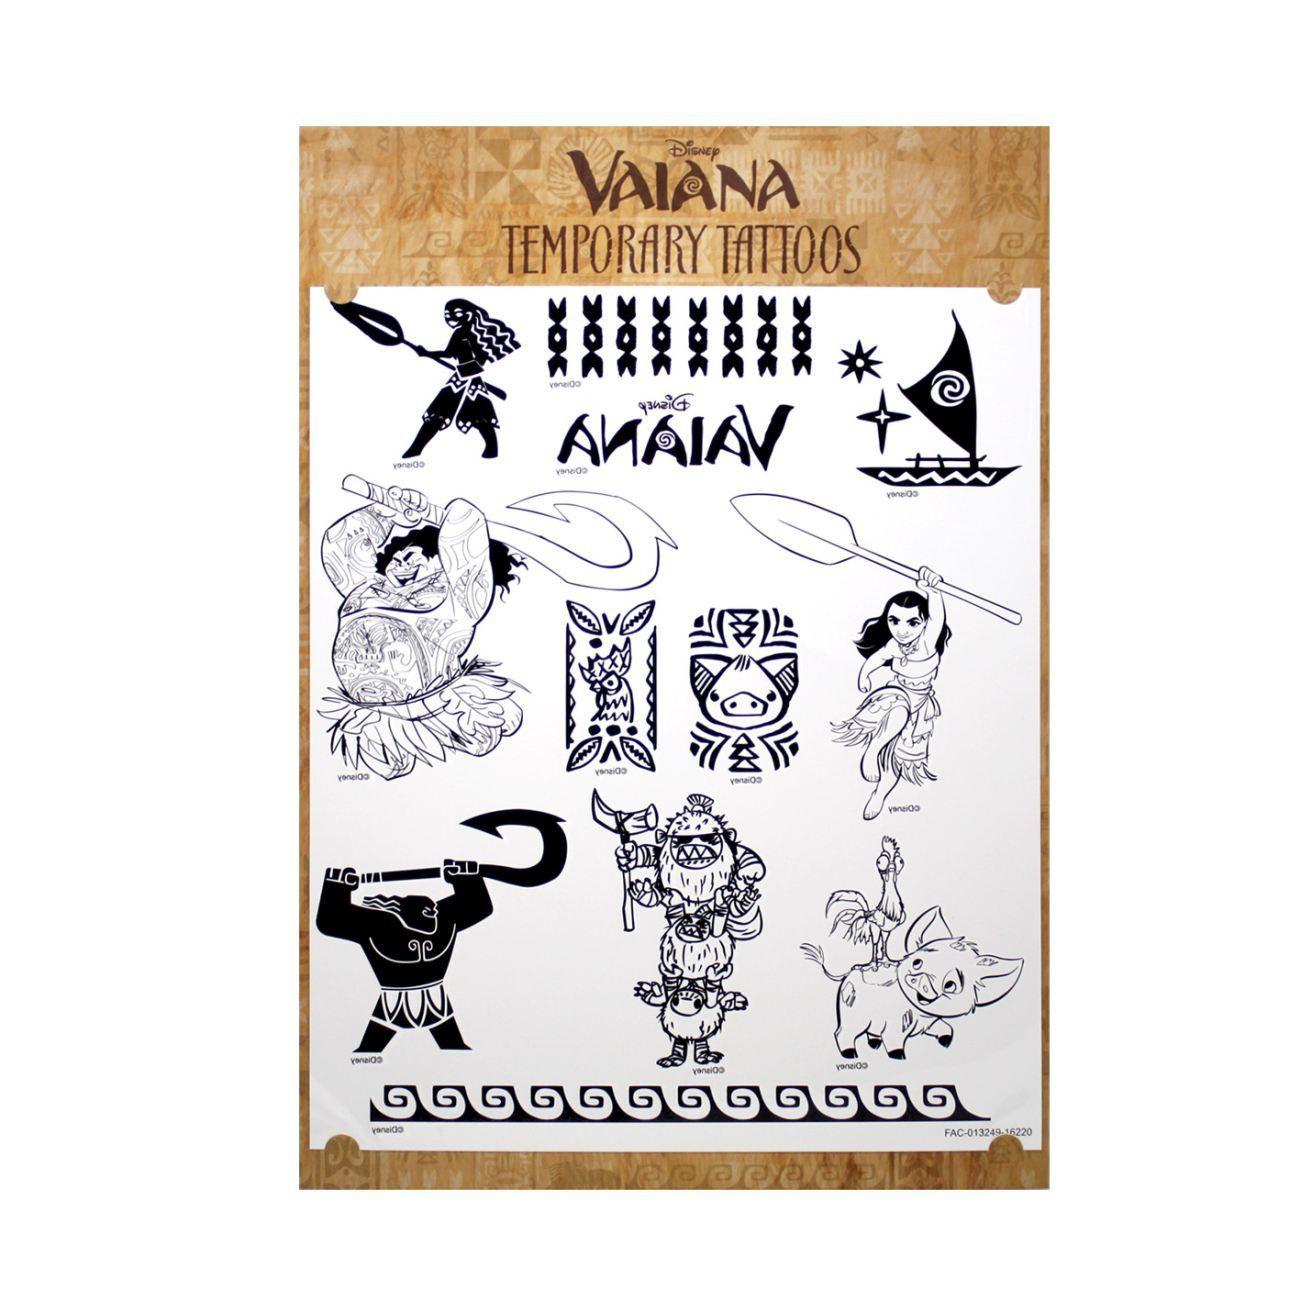 Ausmalbilder Disney Vaiana Inspirierend Najbardziej Poszukiwany] Vaiana Kolorowanka Do Wydruku Das Bild